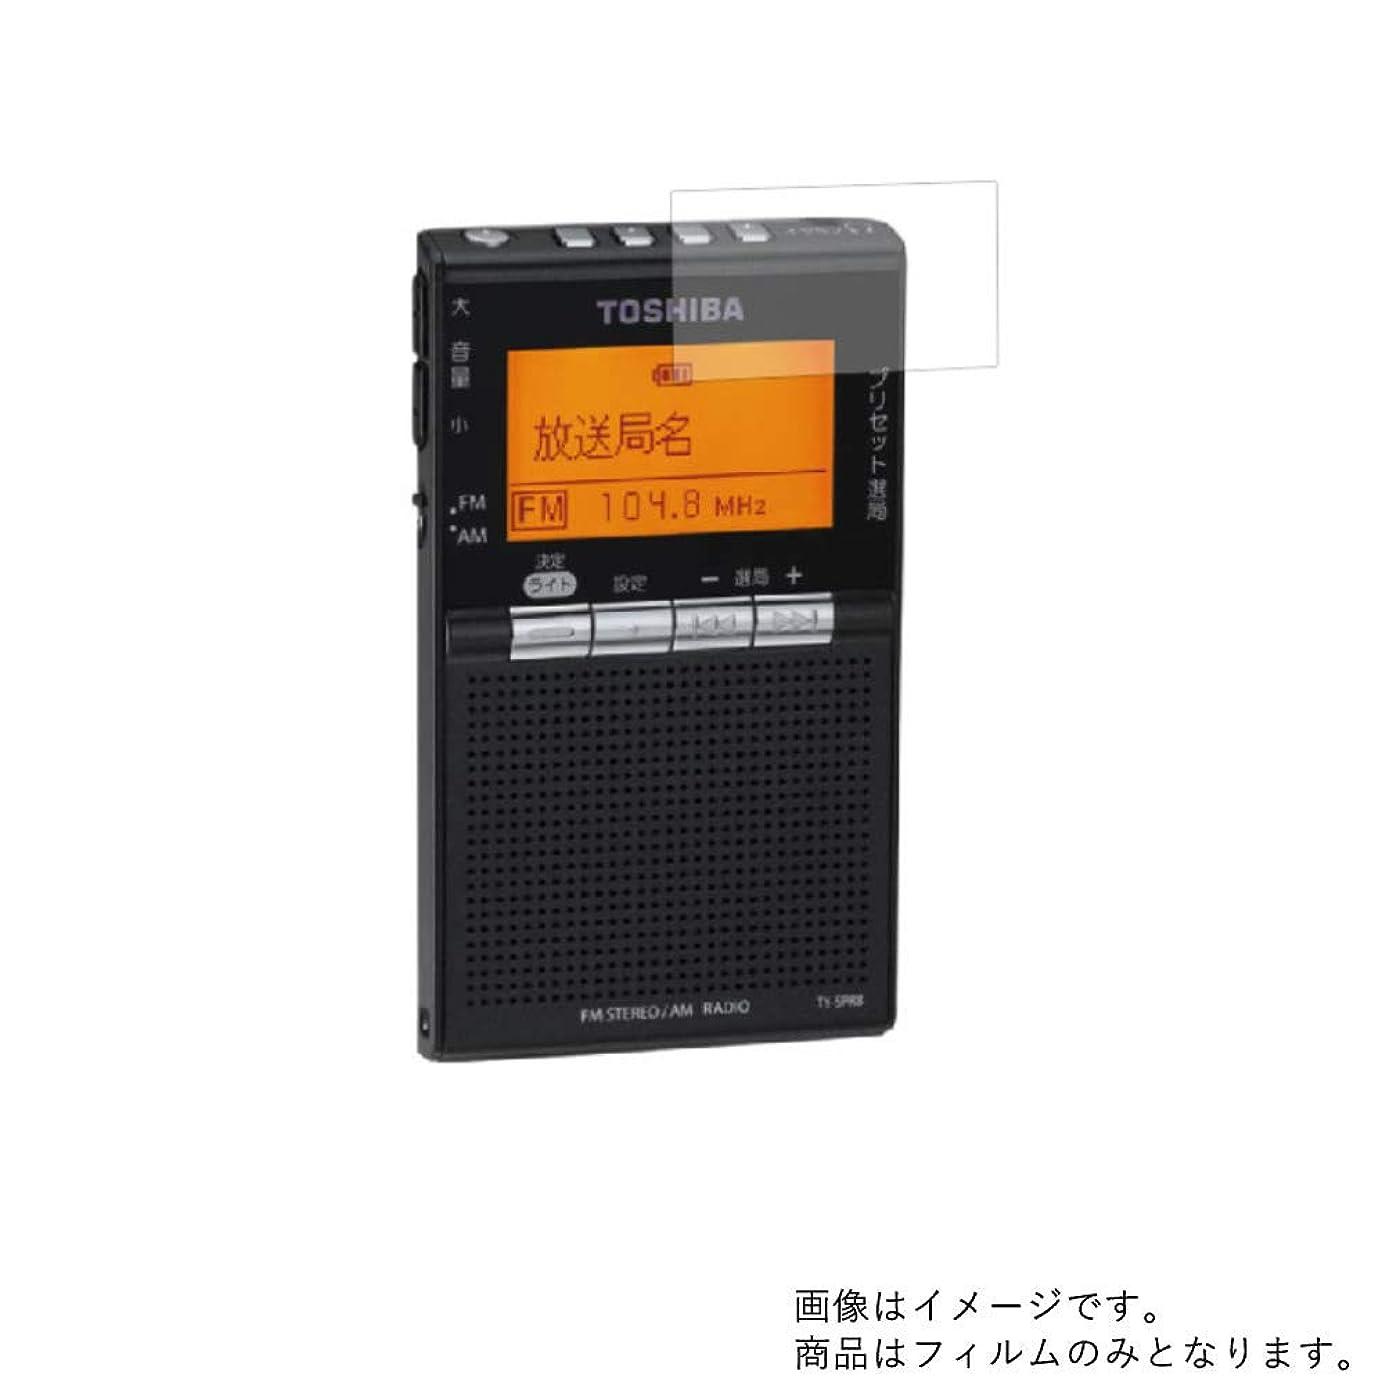 素晴らしさルーフ本を読む【2枚セット】Toshiba TY-SPR8 用【反射防止ノンフィラータイプ】液晶保護フィルム ギラツキなし